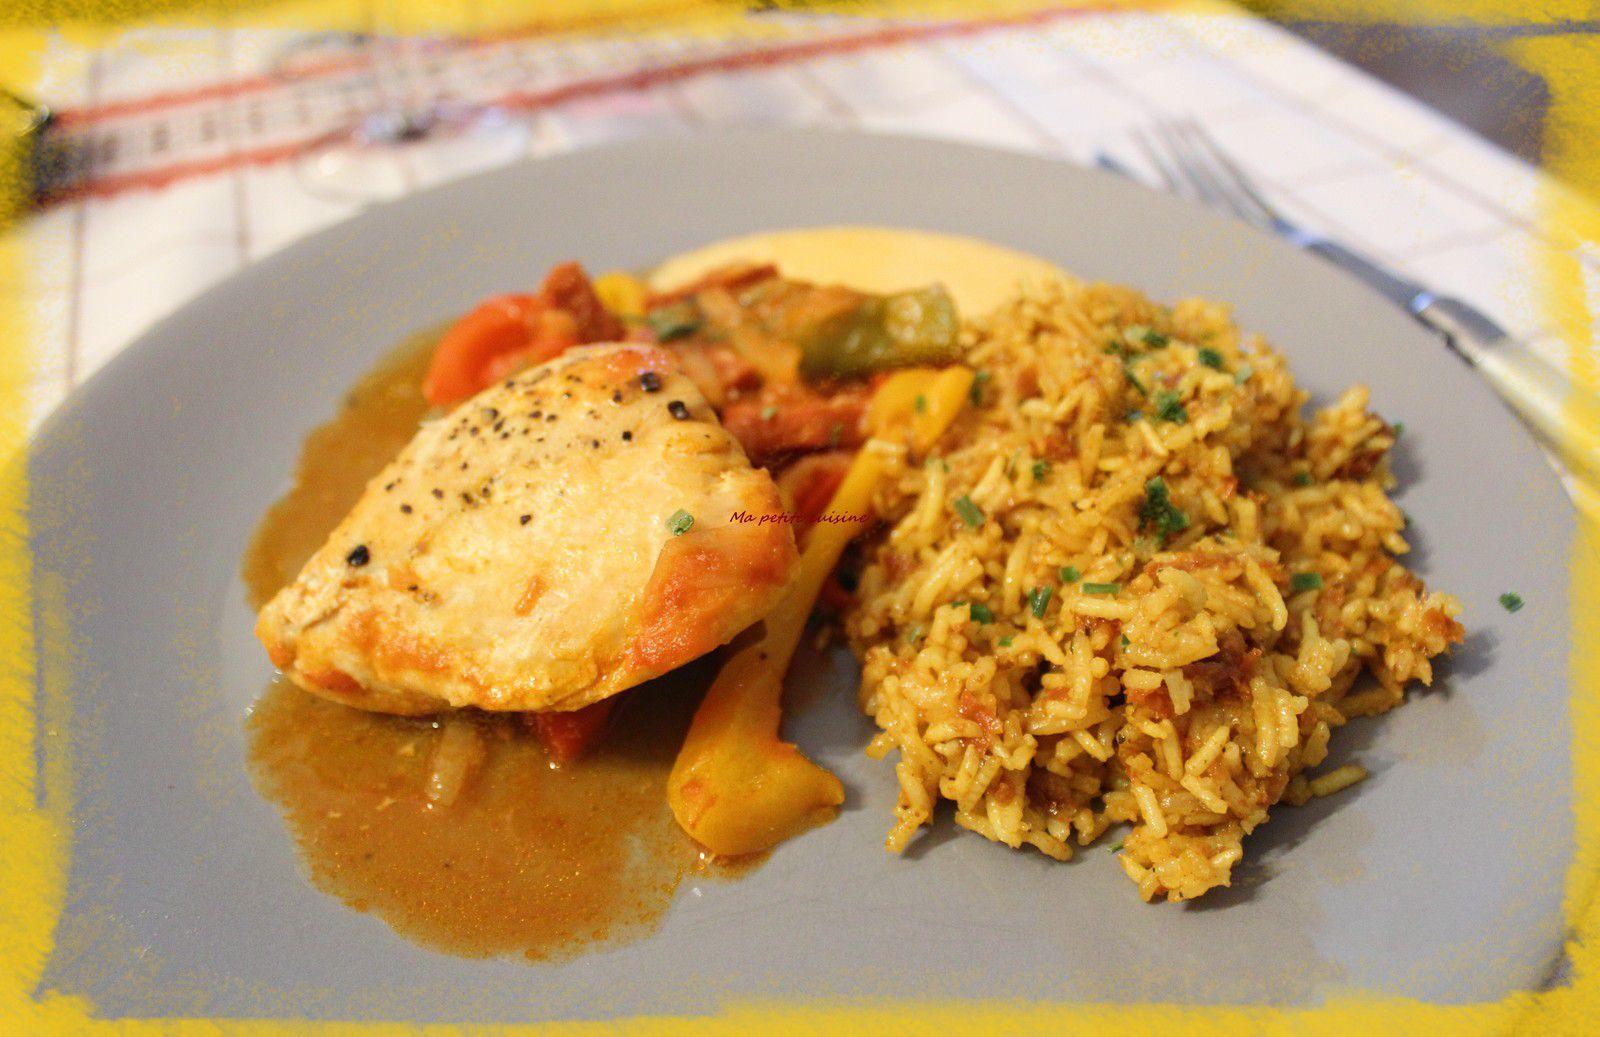 Poulet basquaise, riz cuisiné et crème de chorizo, recette de Cyril Lignac